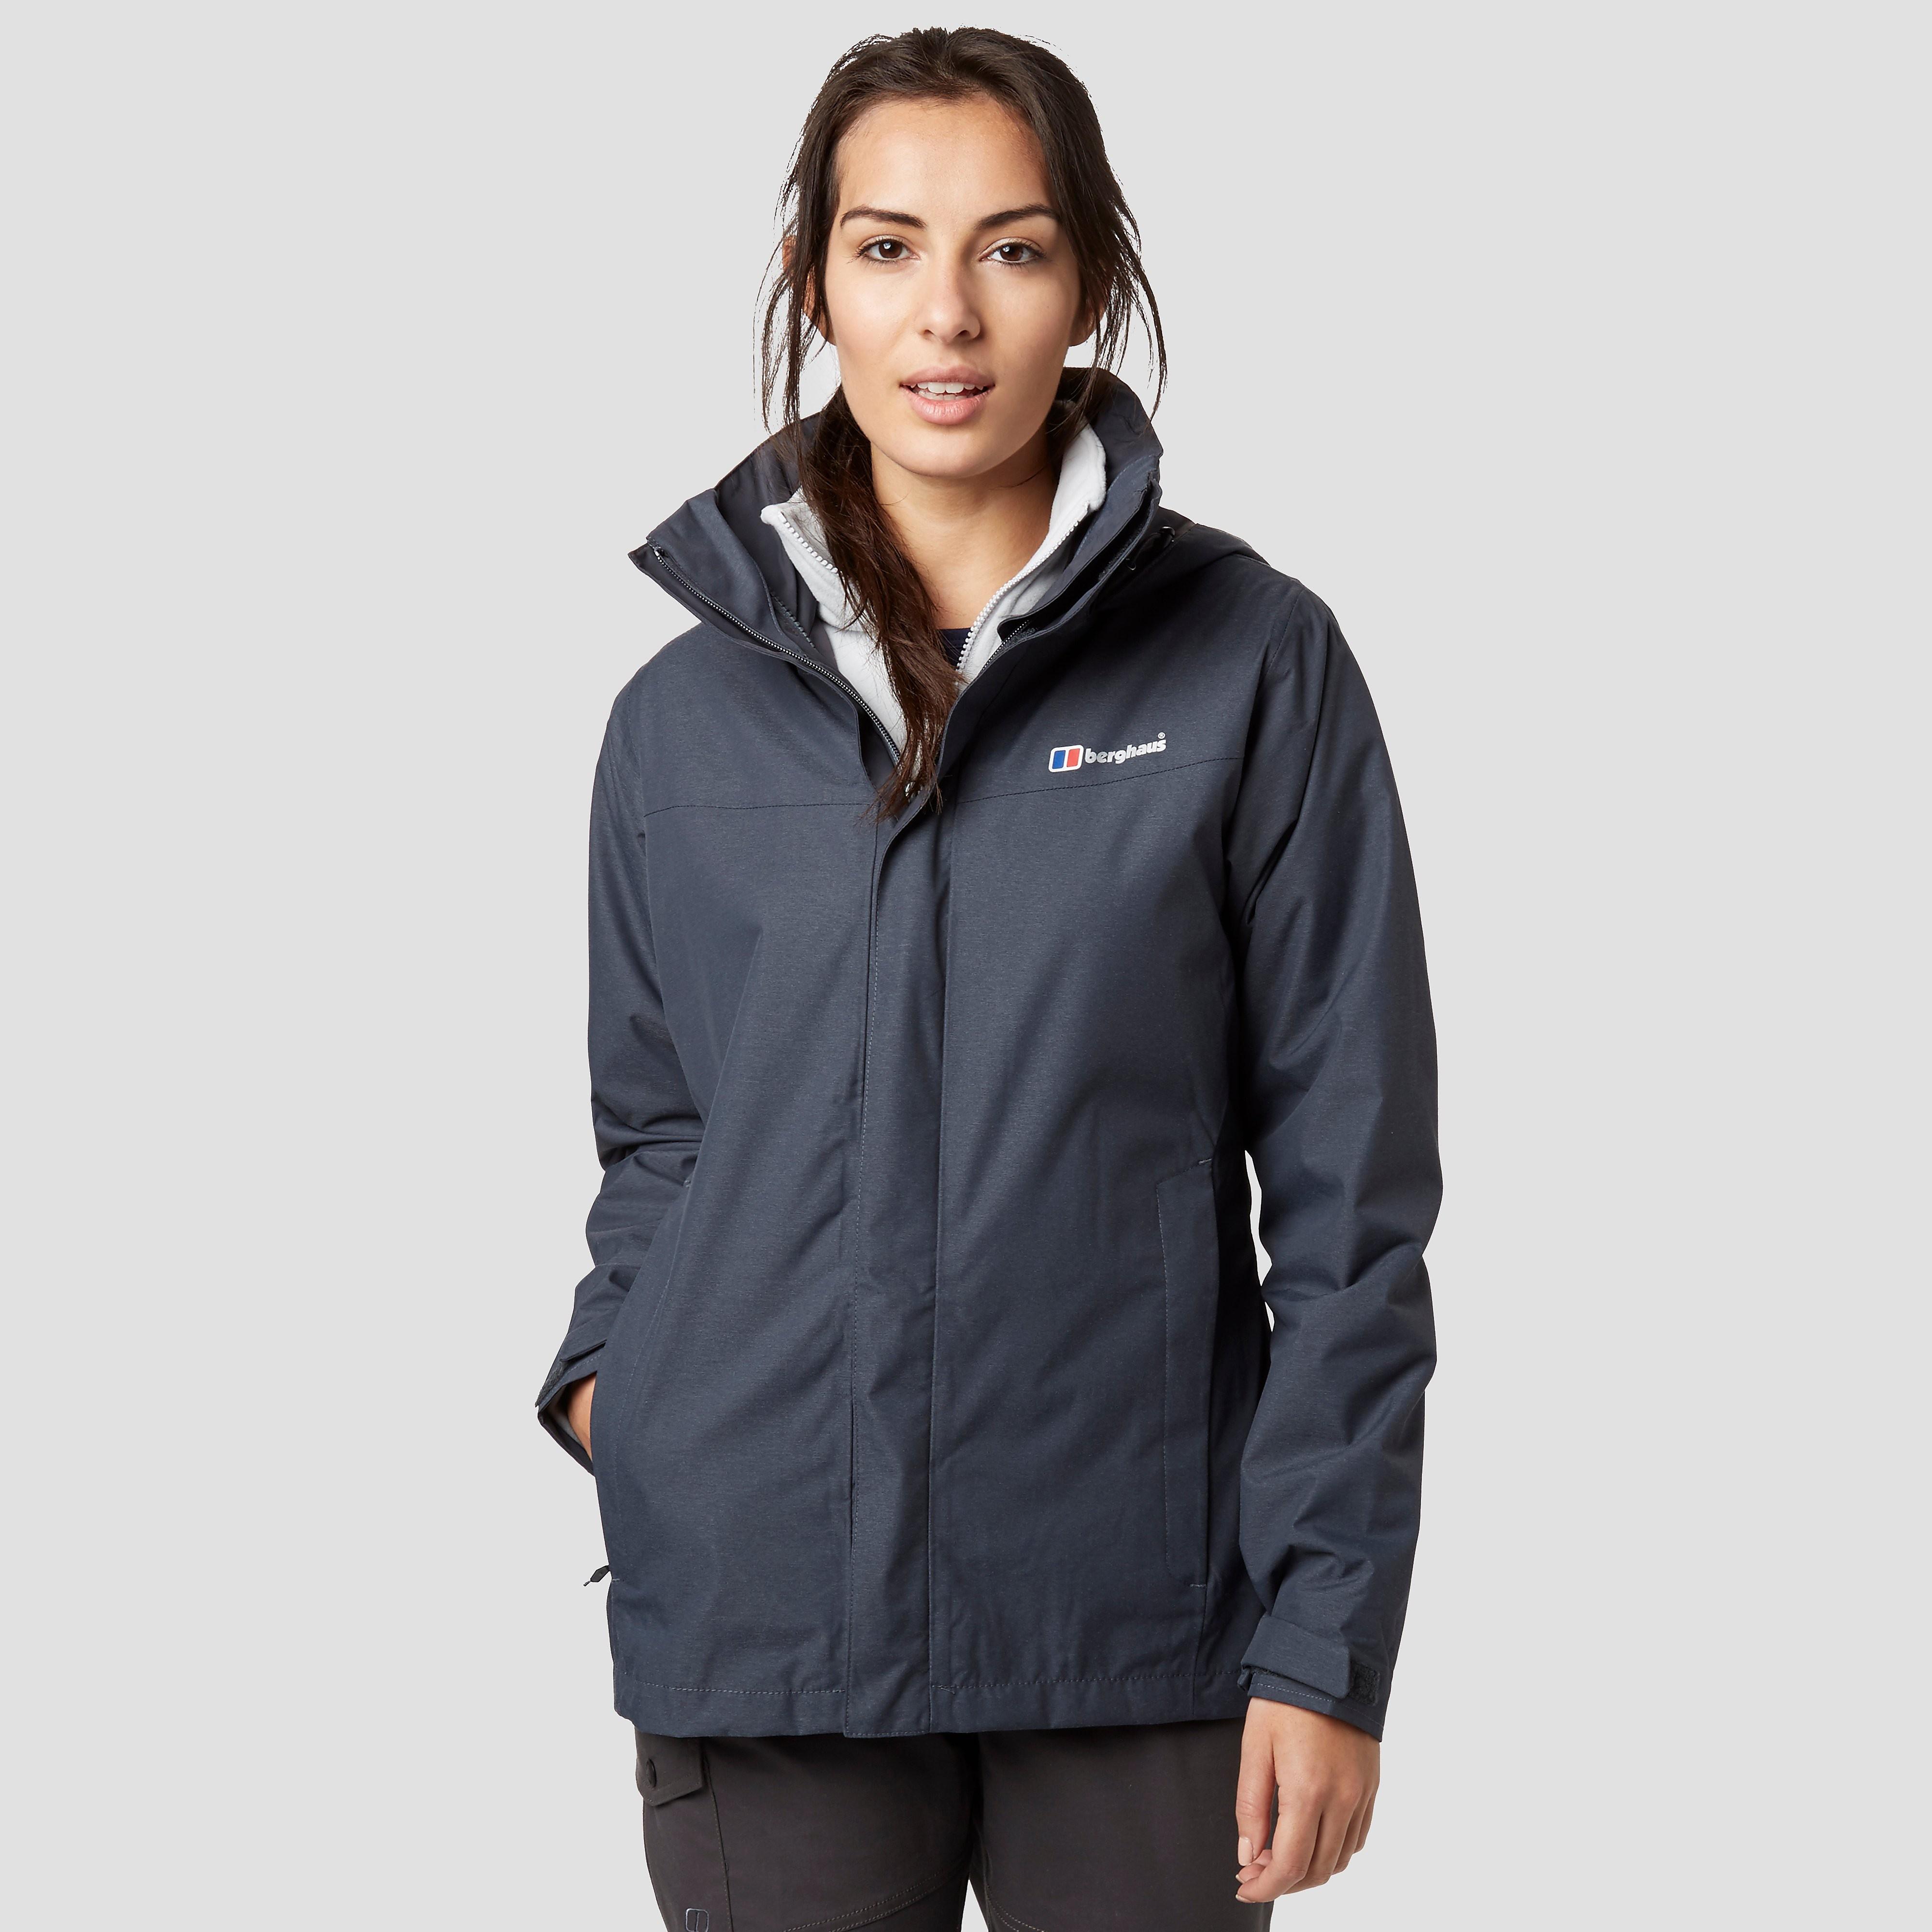 BERGHAUS Woemn's Howtown 3 in 1 Waterproof Jacket